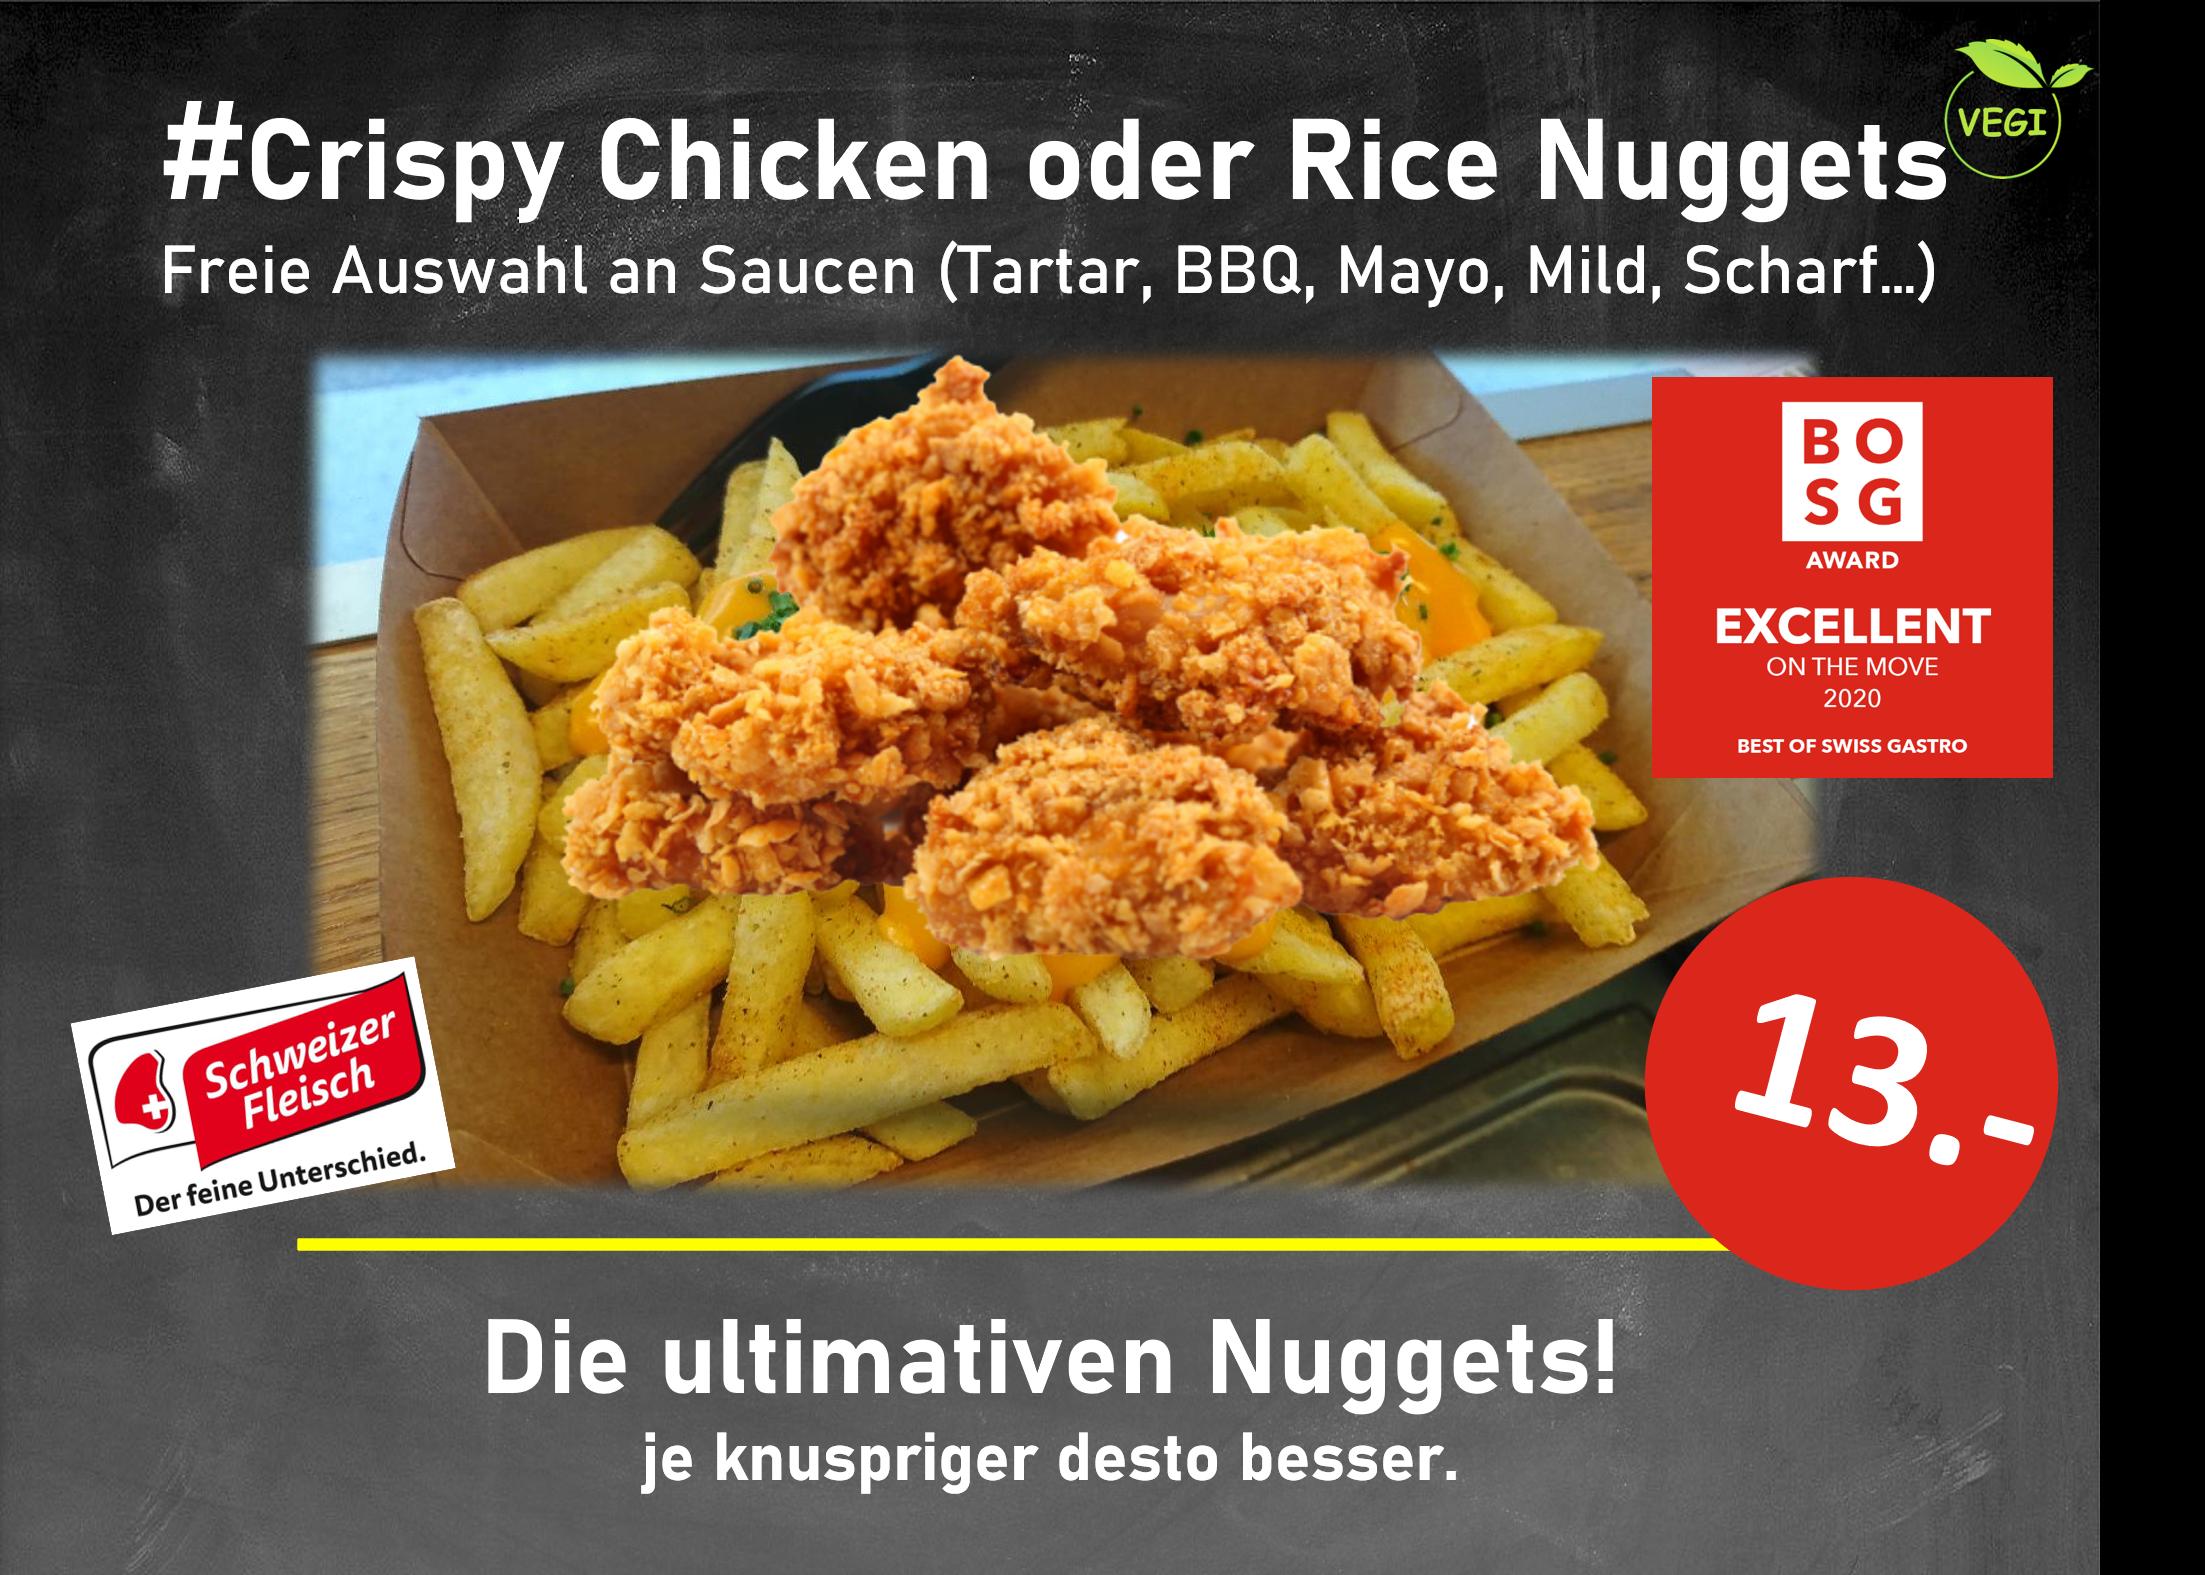 #Crispy Chicken oder Rice Nuggets